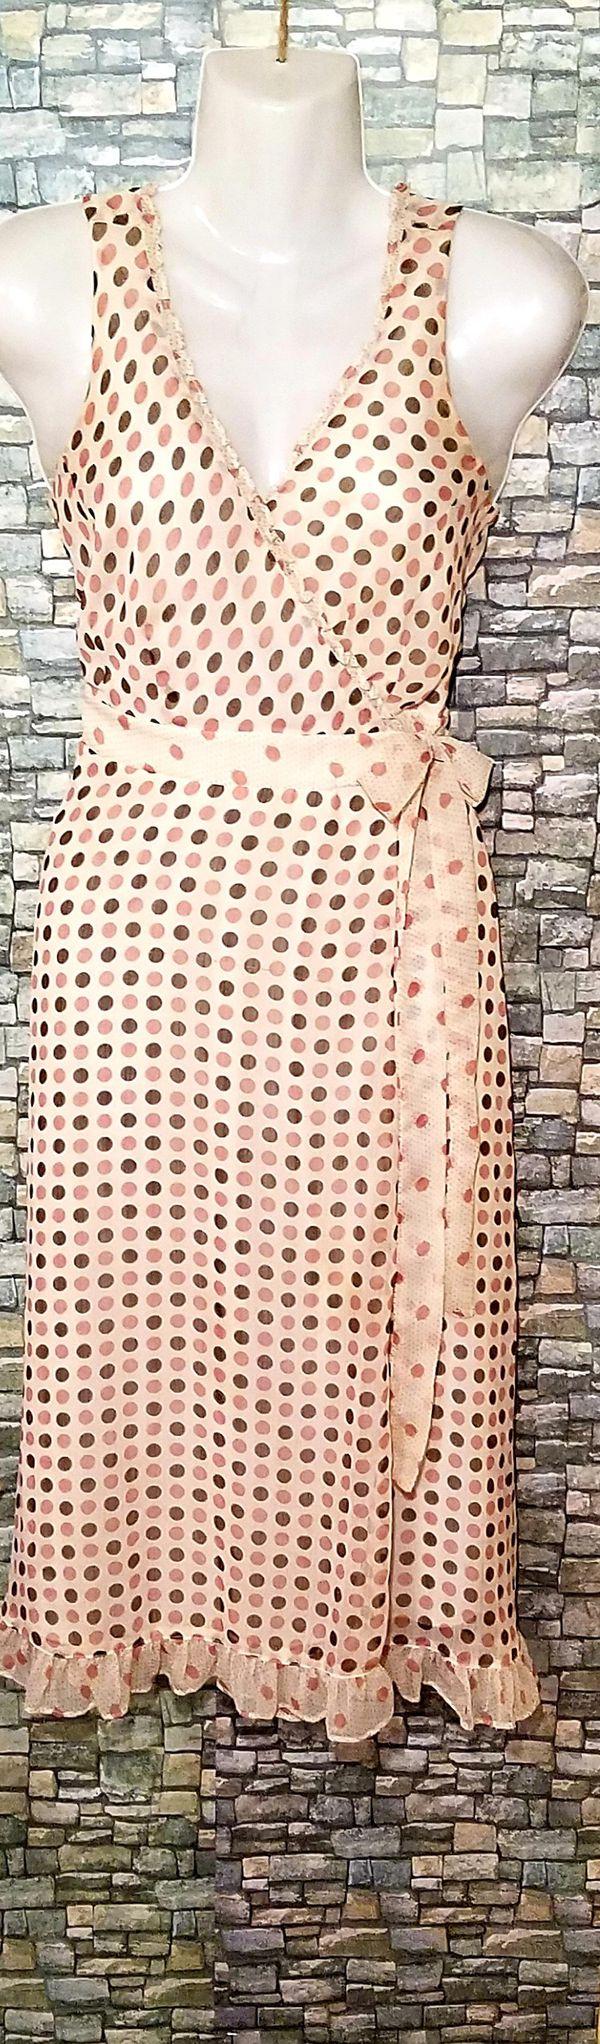 Women's mid-length sleeveless summer dresses